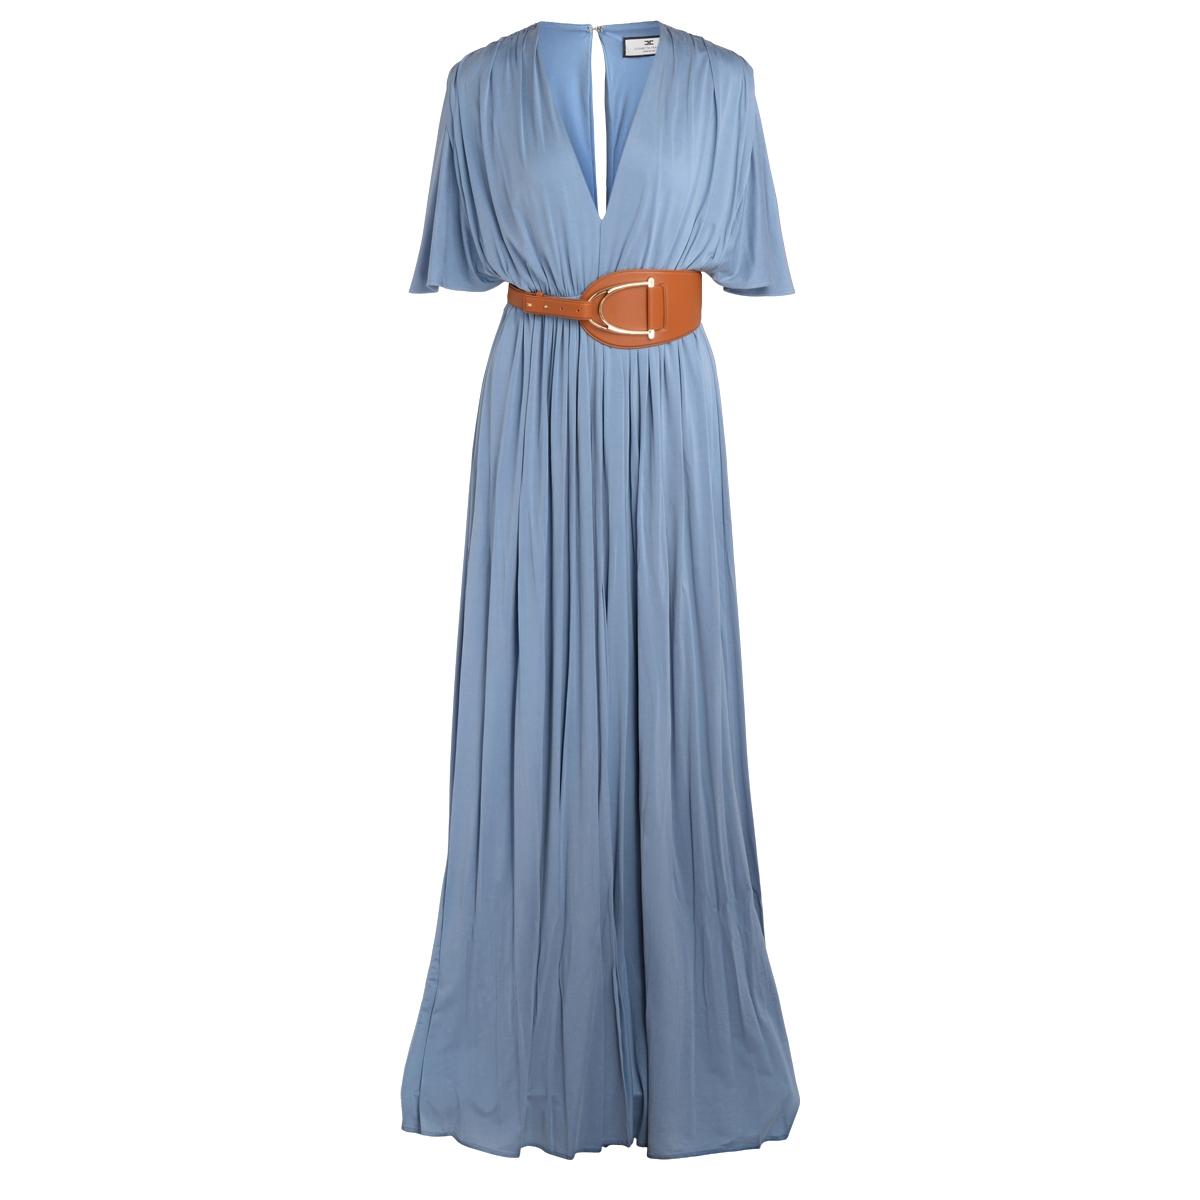 Abito red carpet azzurro con maxi cintura - ELISABETTA FRANCHI - Modalova